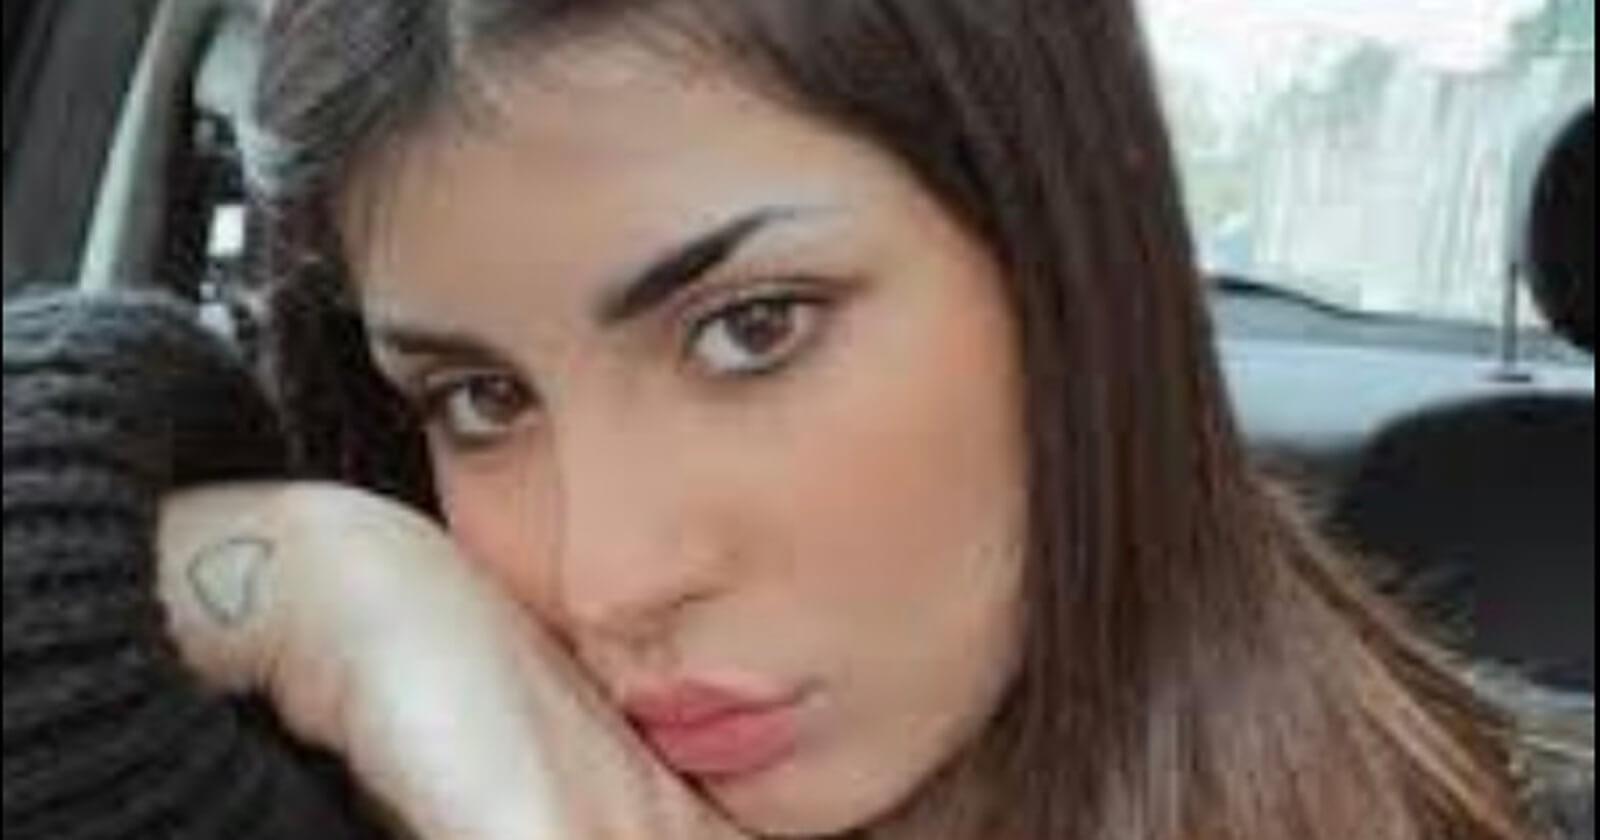 Chi è Federica Ex Fidanzata Manuel Bortuzzo: Età, Storia, Perchè si sono Lasciati